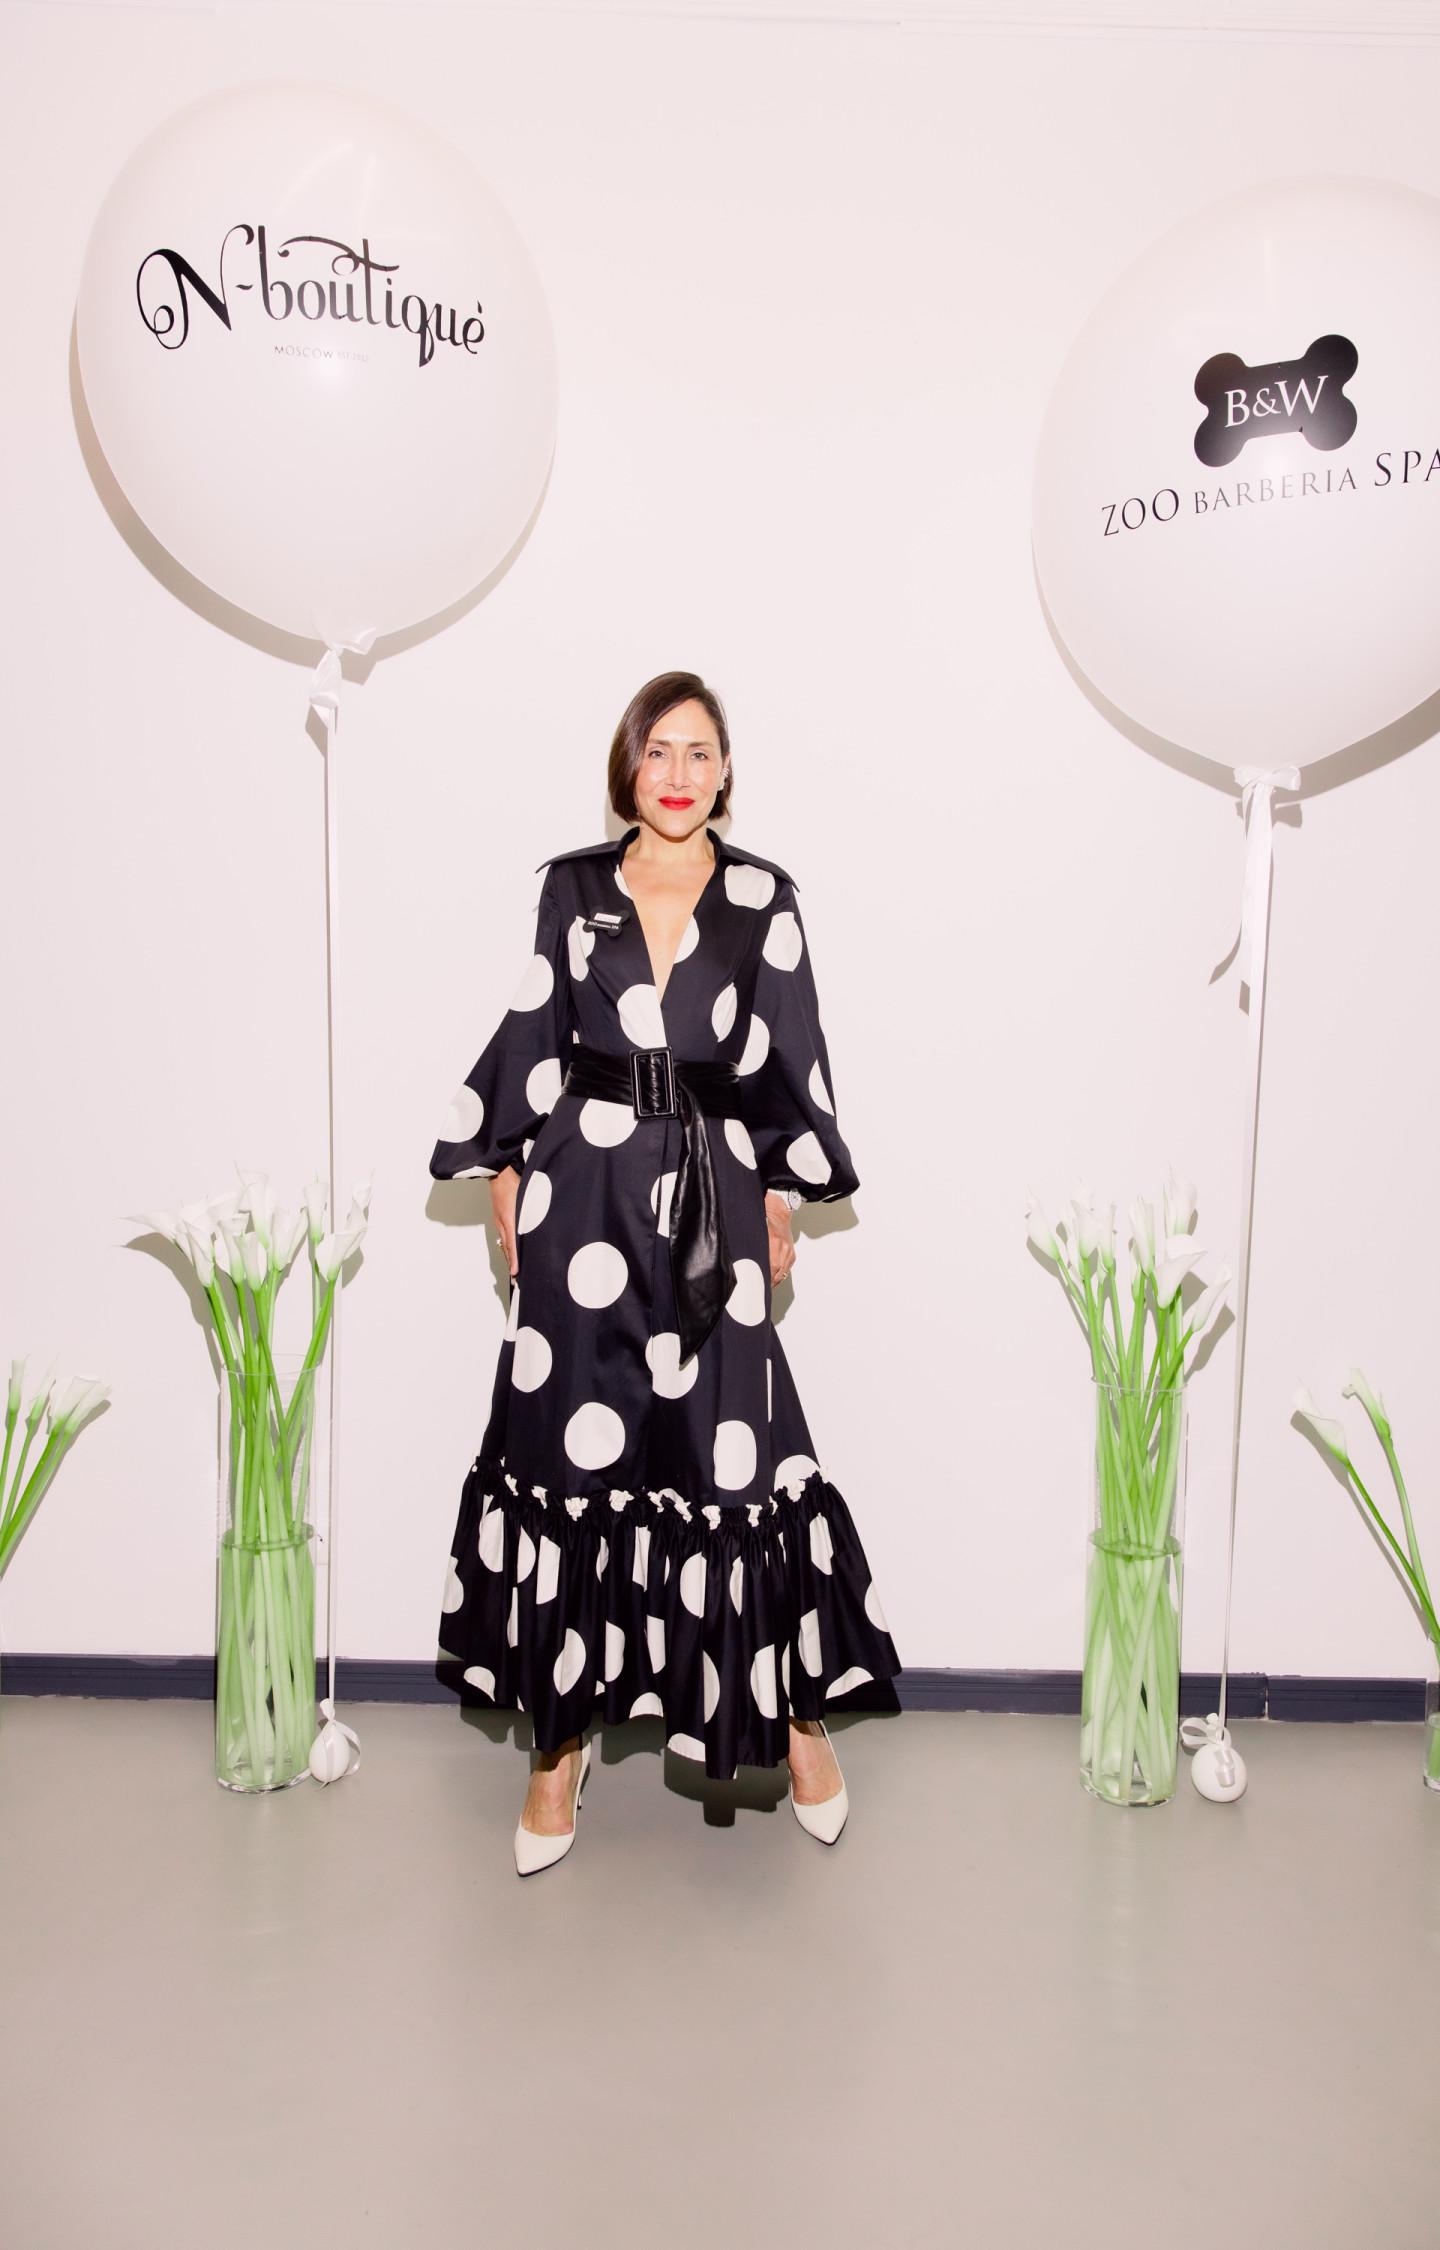 Илона Камышникова, владелица бутика-красоты N-Boutique и спа-салона для домашних животных zoo Barberia SPA